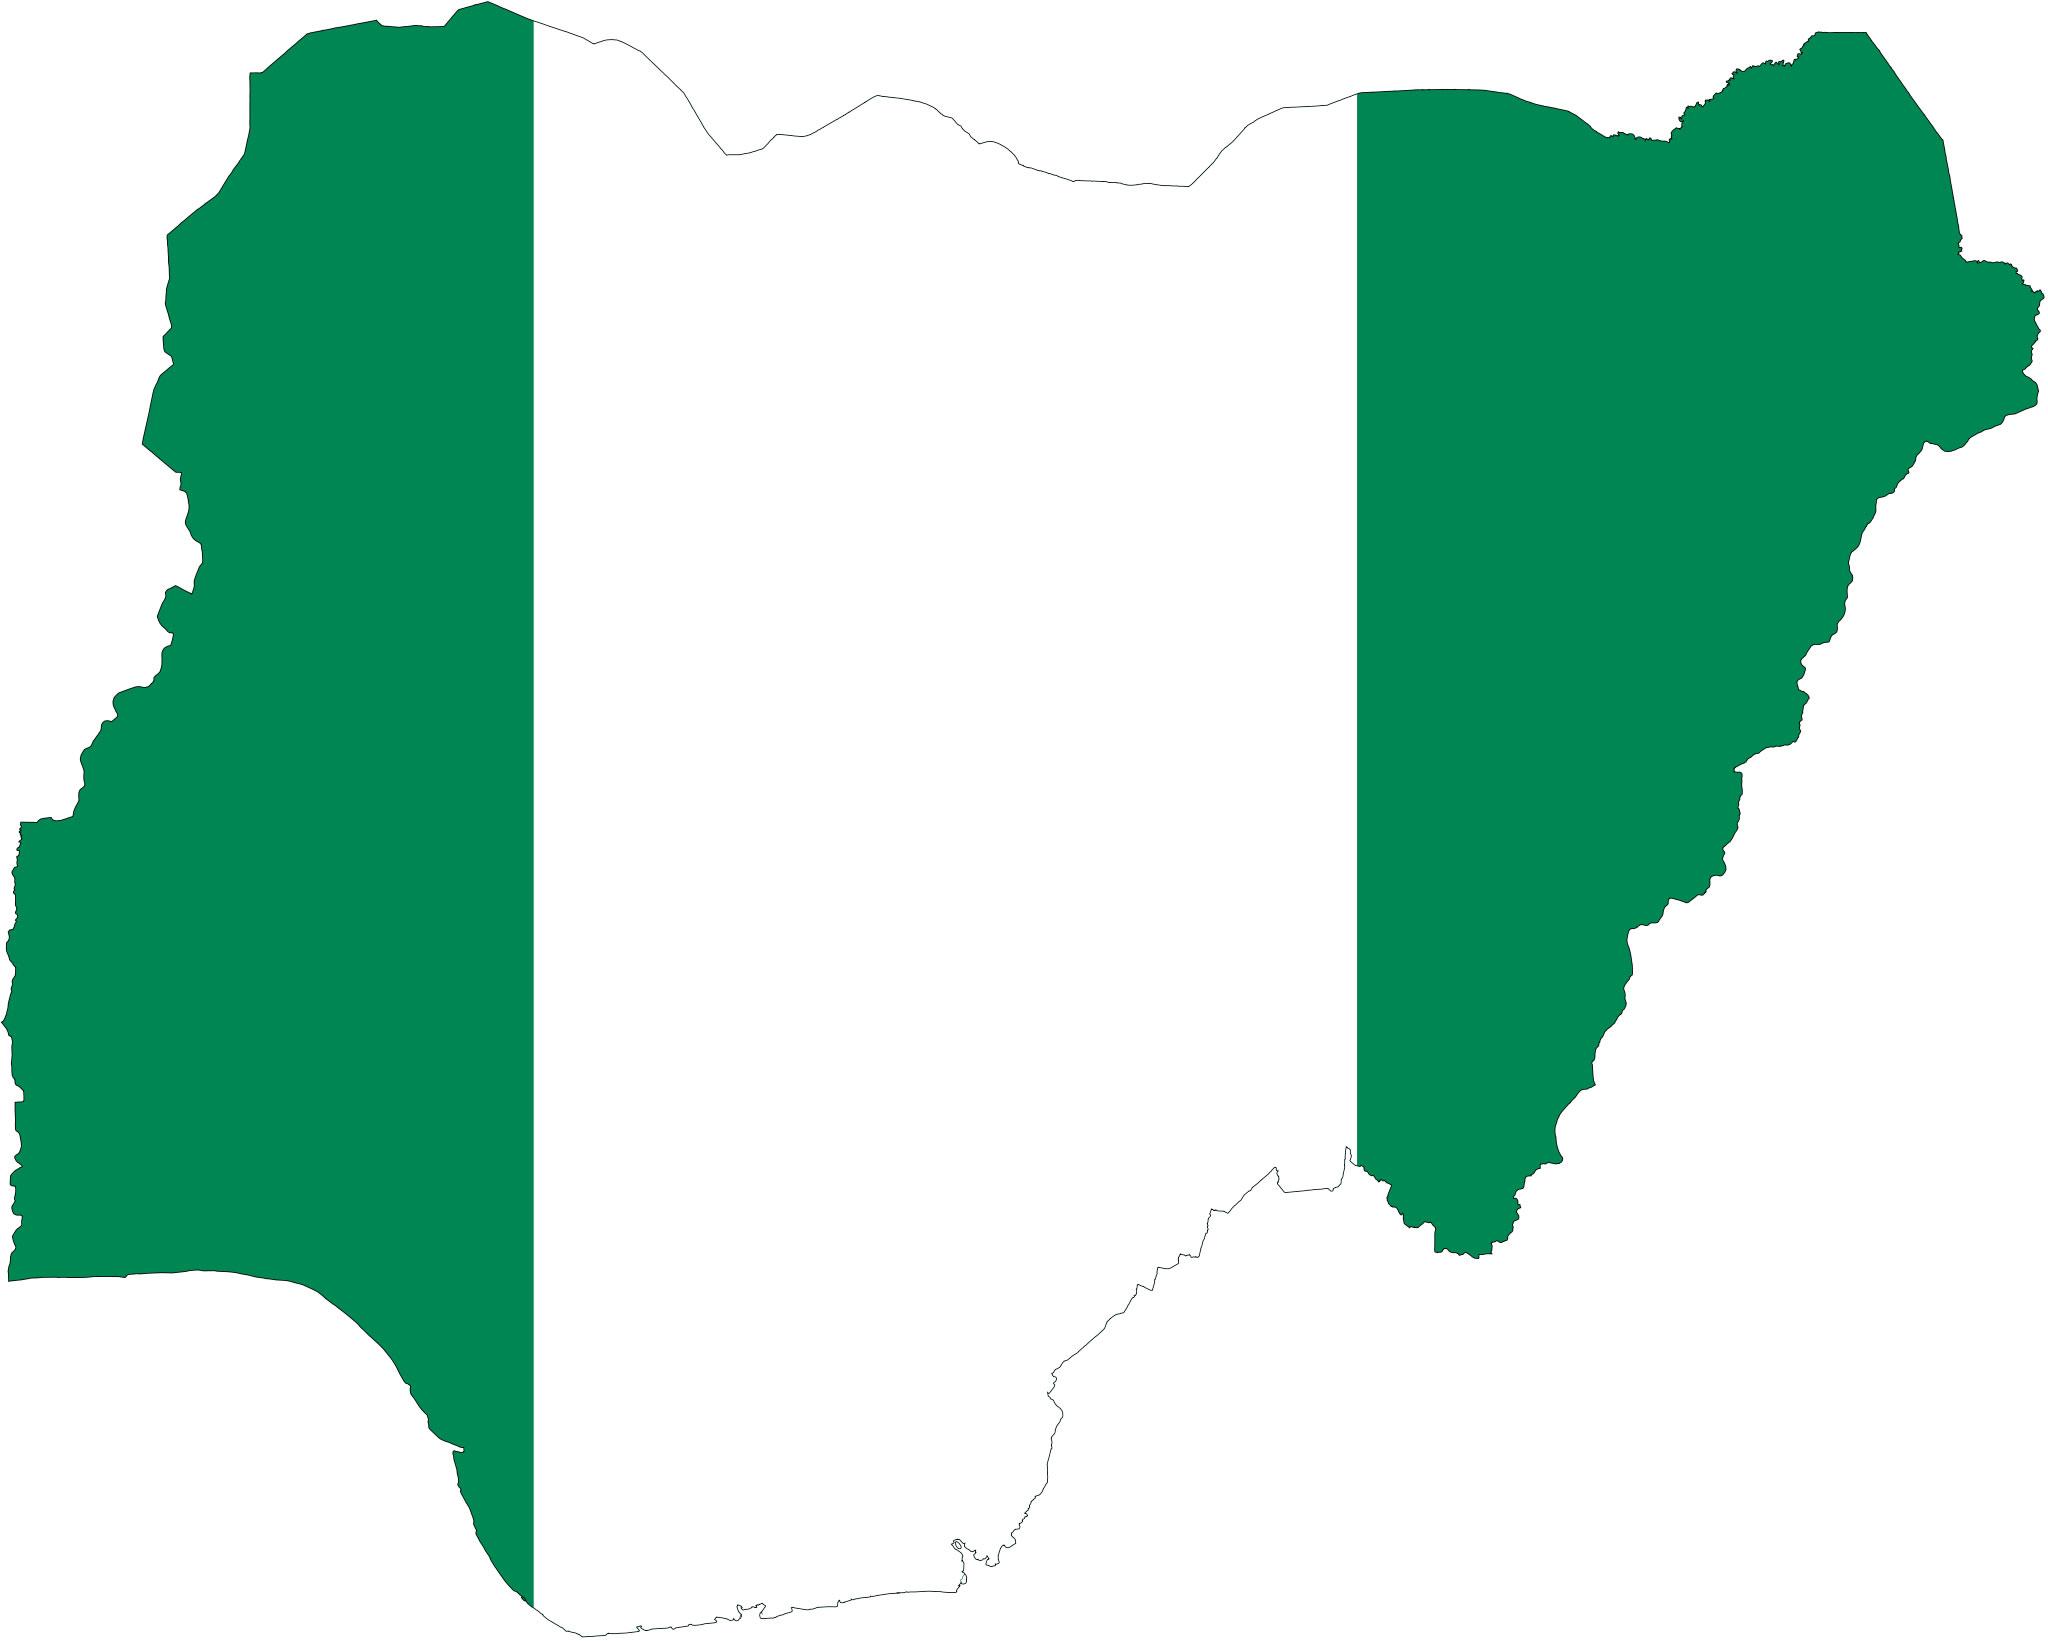 نيجيريا تعتذر للسعودية وتفتح تحقيقاً موسعًا لكشف تفاصيل بيع هذه الهدية من المملكة!